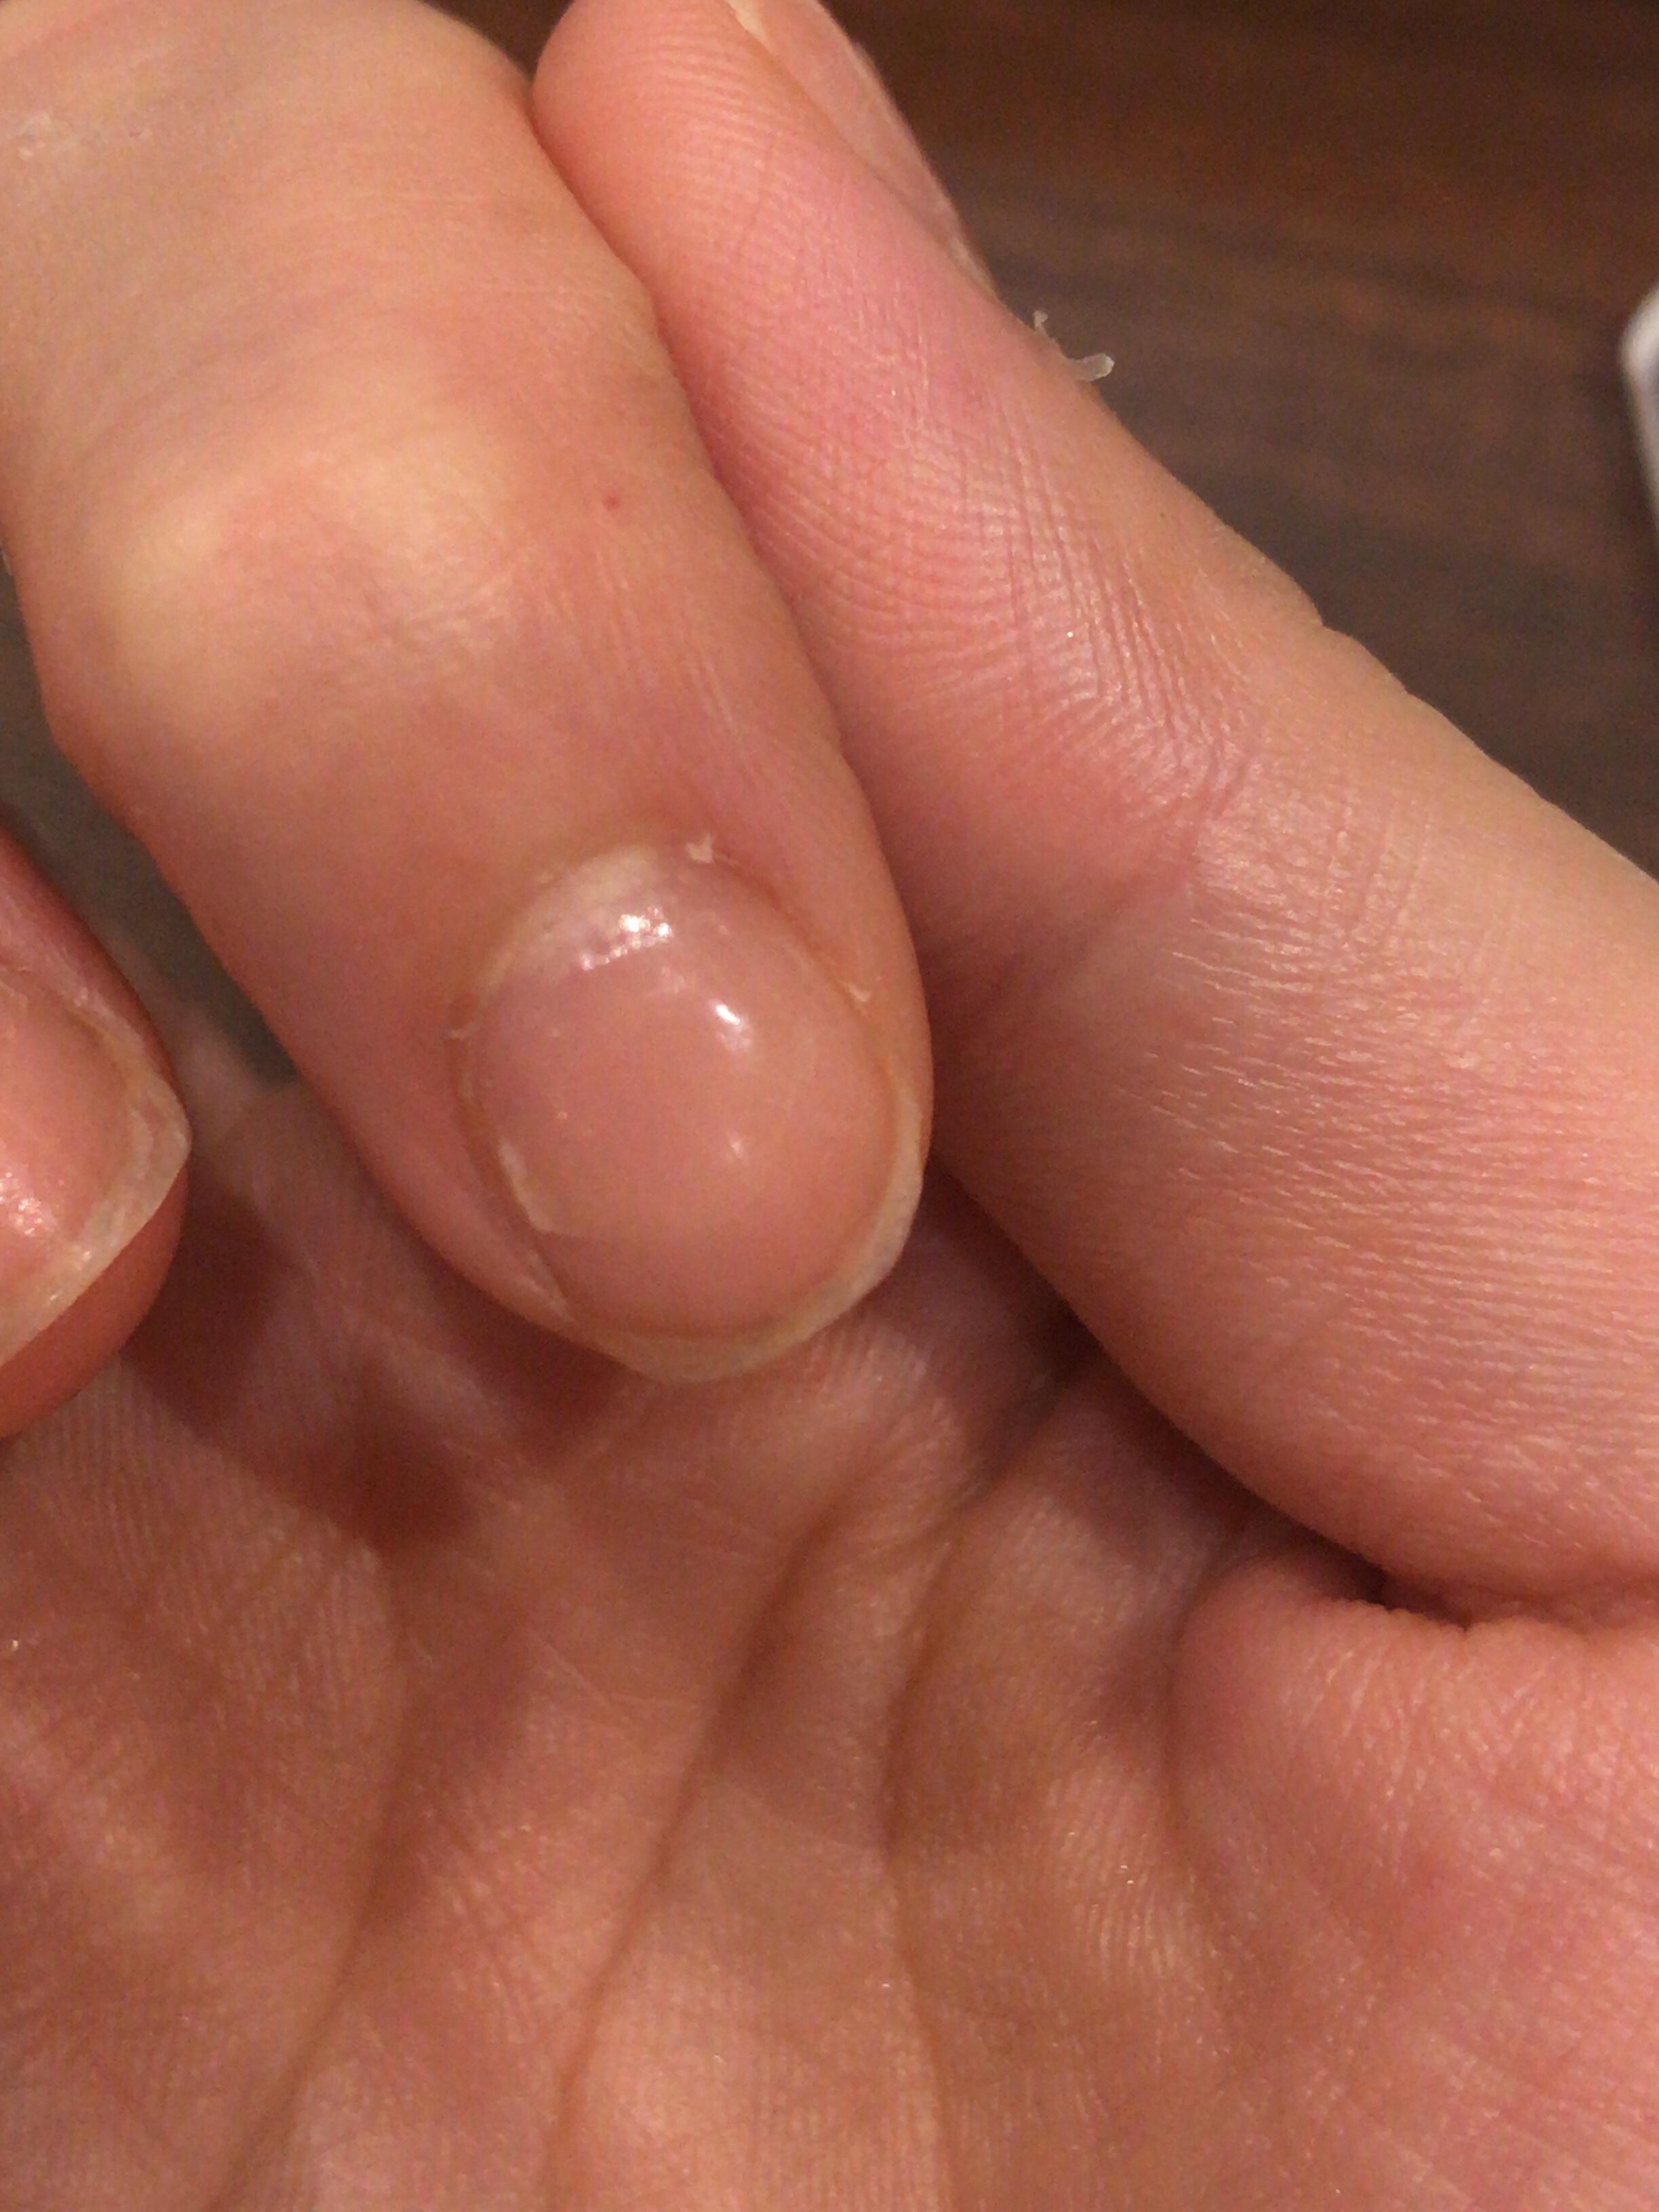 管理人の場合は、よく使う両手の人差し指の爪がどうしても短くなりやすく(途中で割れたりして)、なんとなくスクエアオフ状態からのスタートでした。という写真